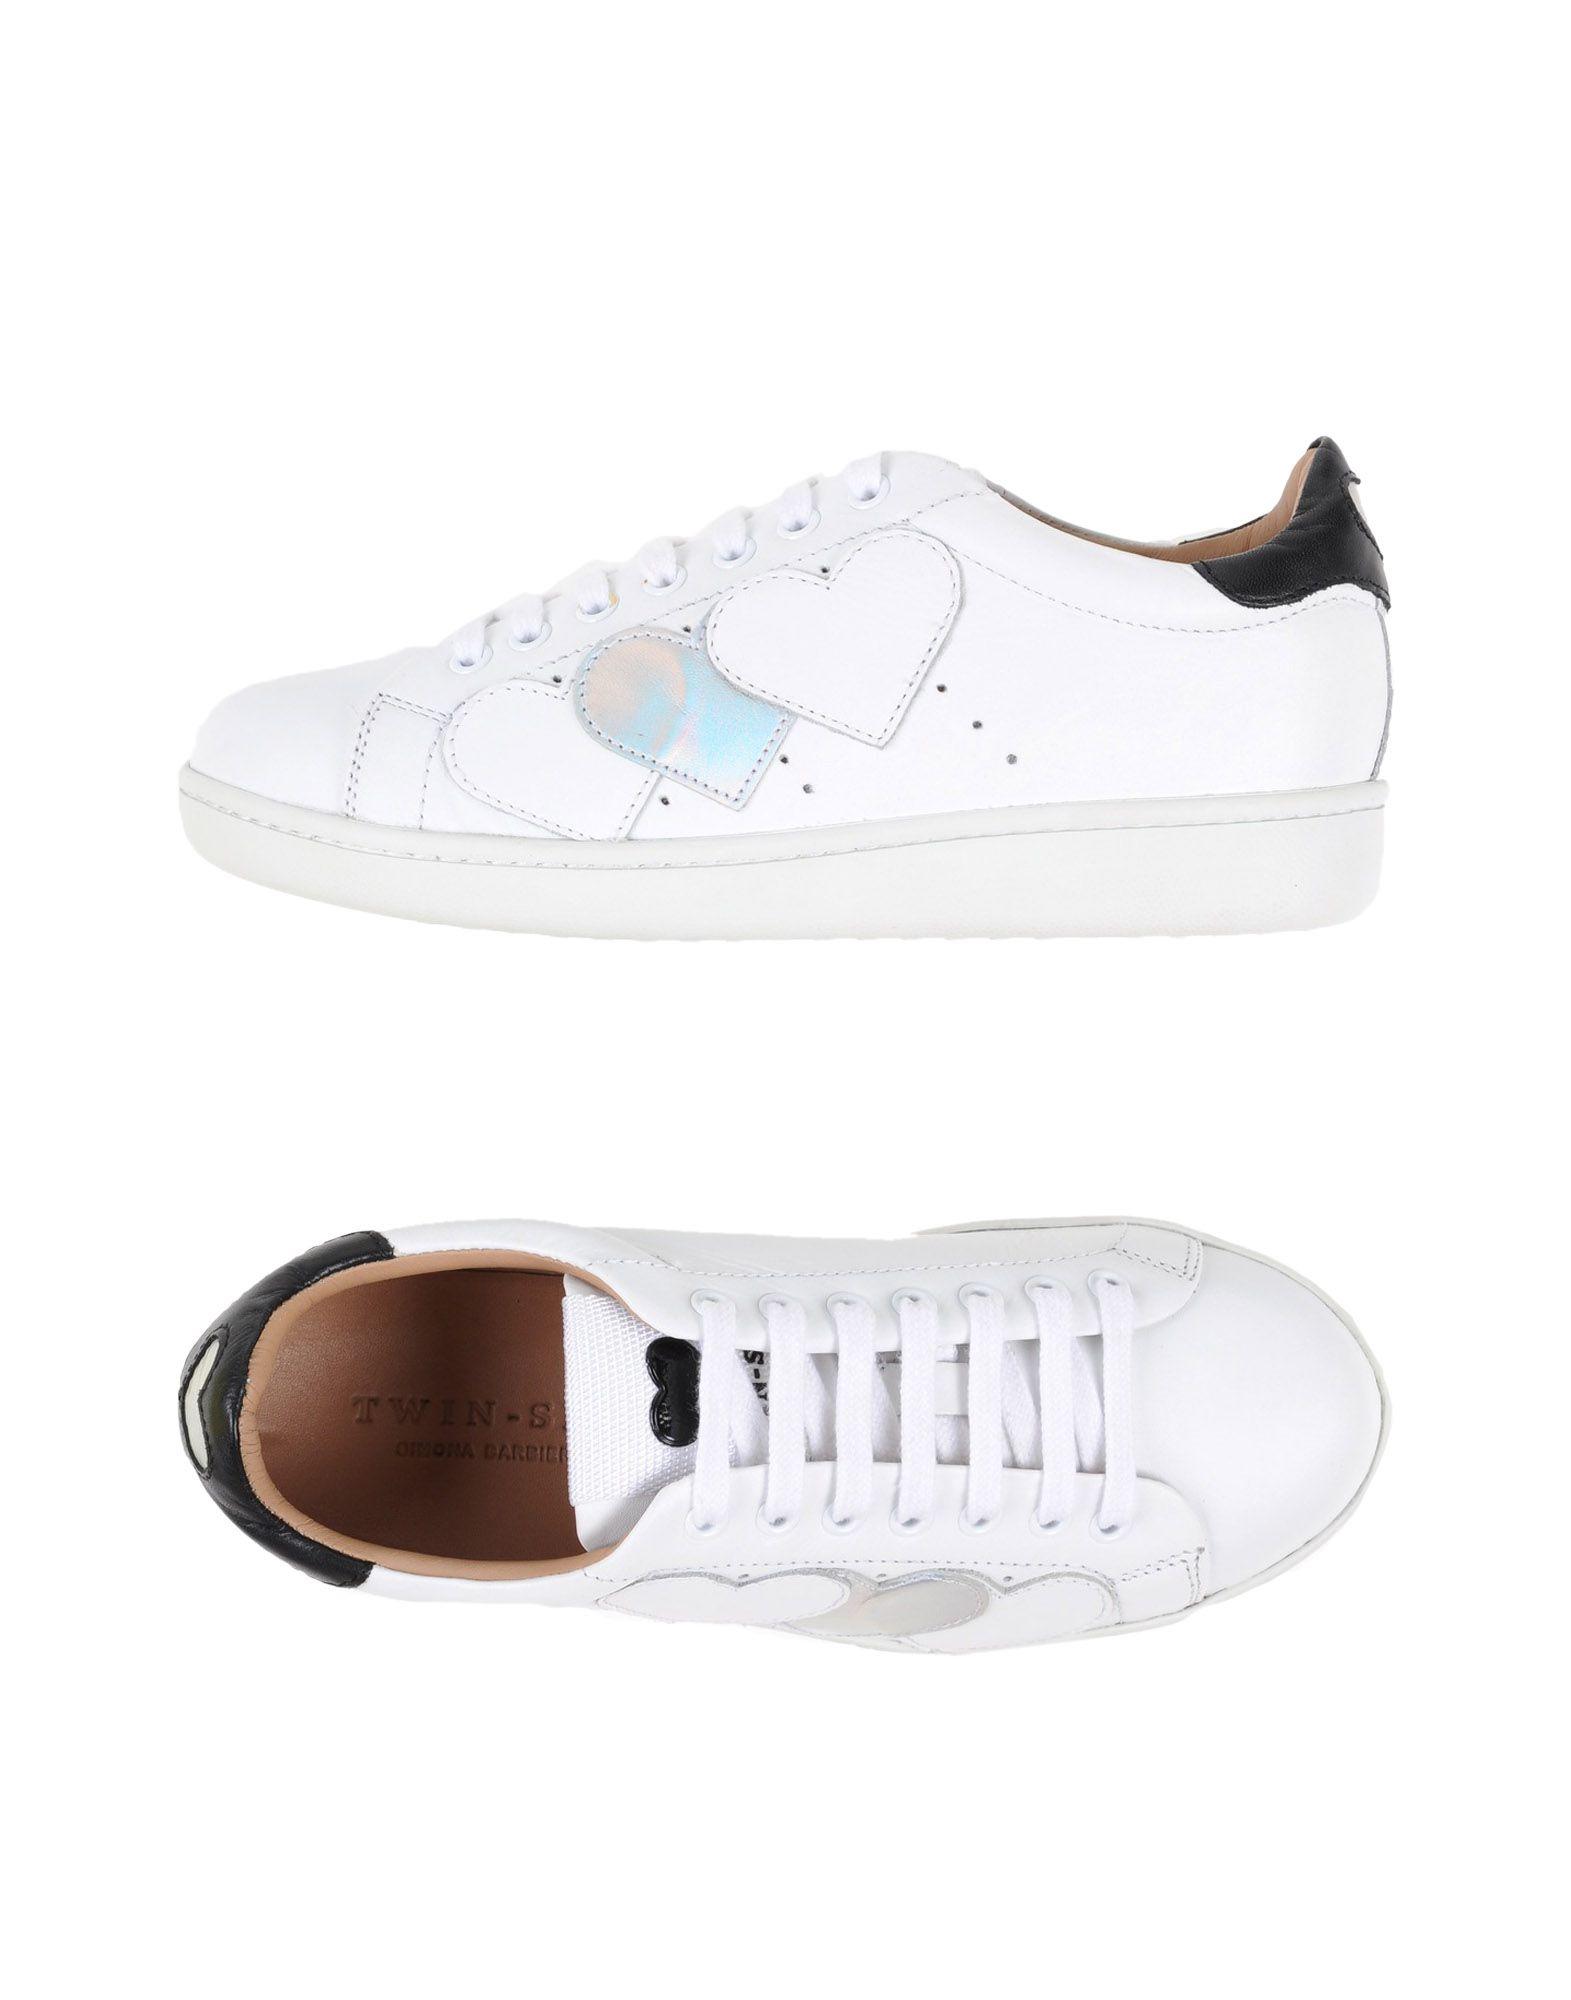 Gut billige um billige Gut Schuhe zu tragenTwin 11131198VP 902dbc